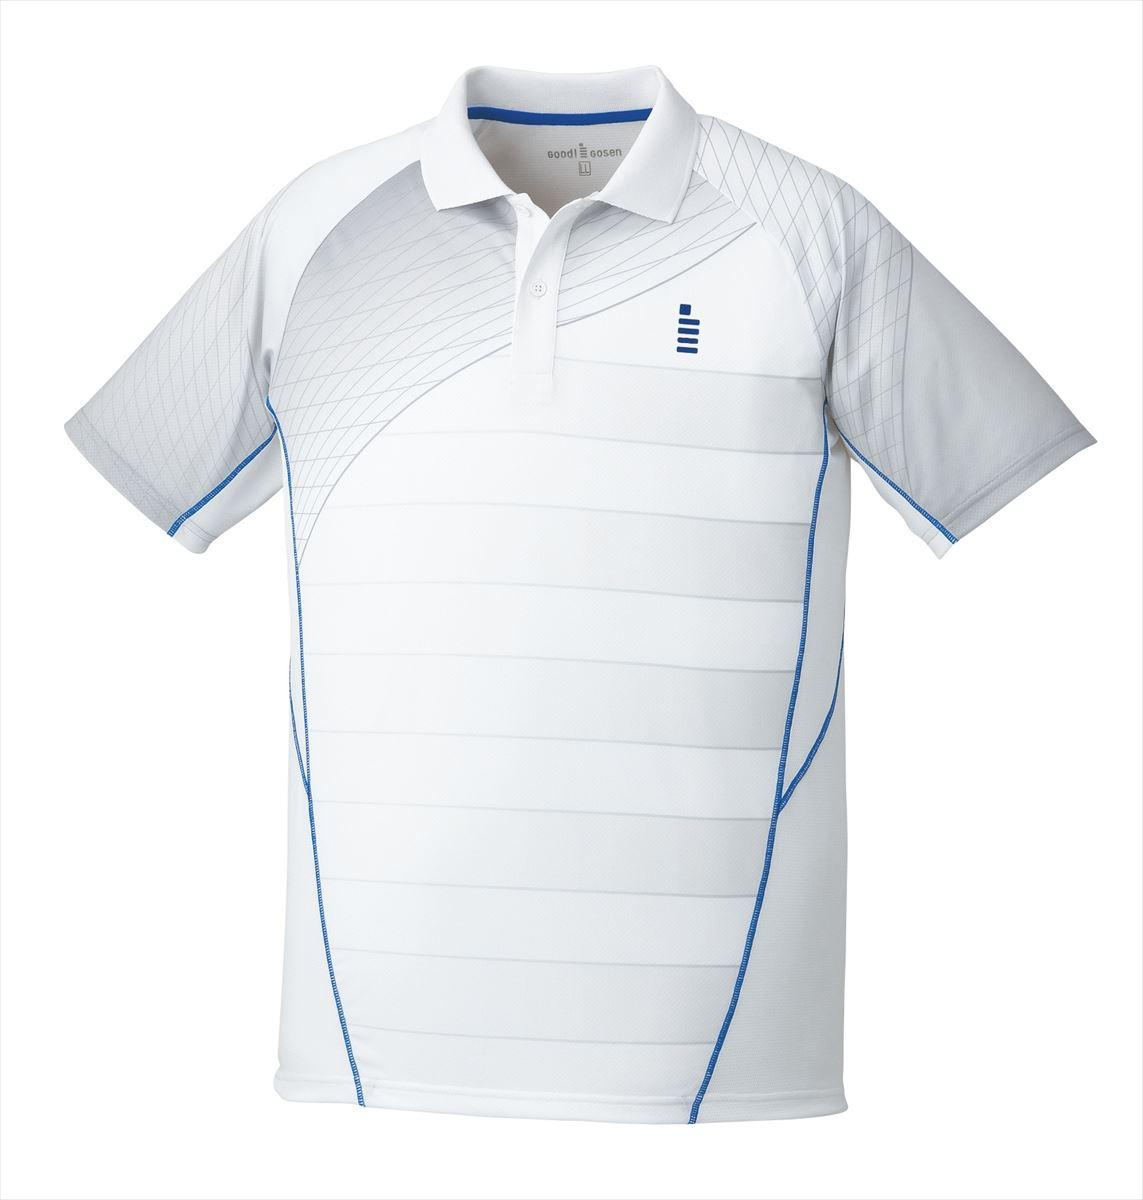 ゴーセン GOSEN T1700 テニス・バドミントン ウェア(メンズ/ユニ) ゲームシャツ ホワイト 17SS